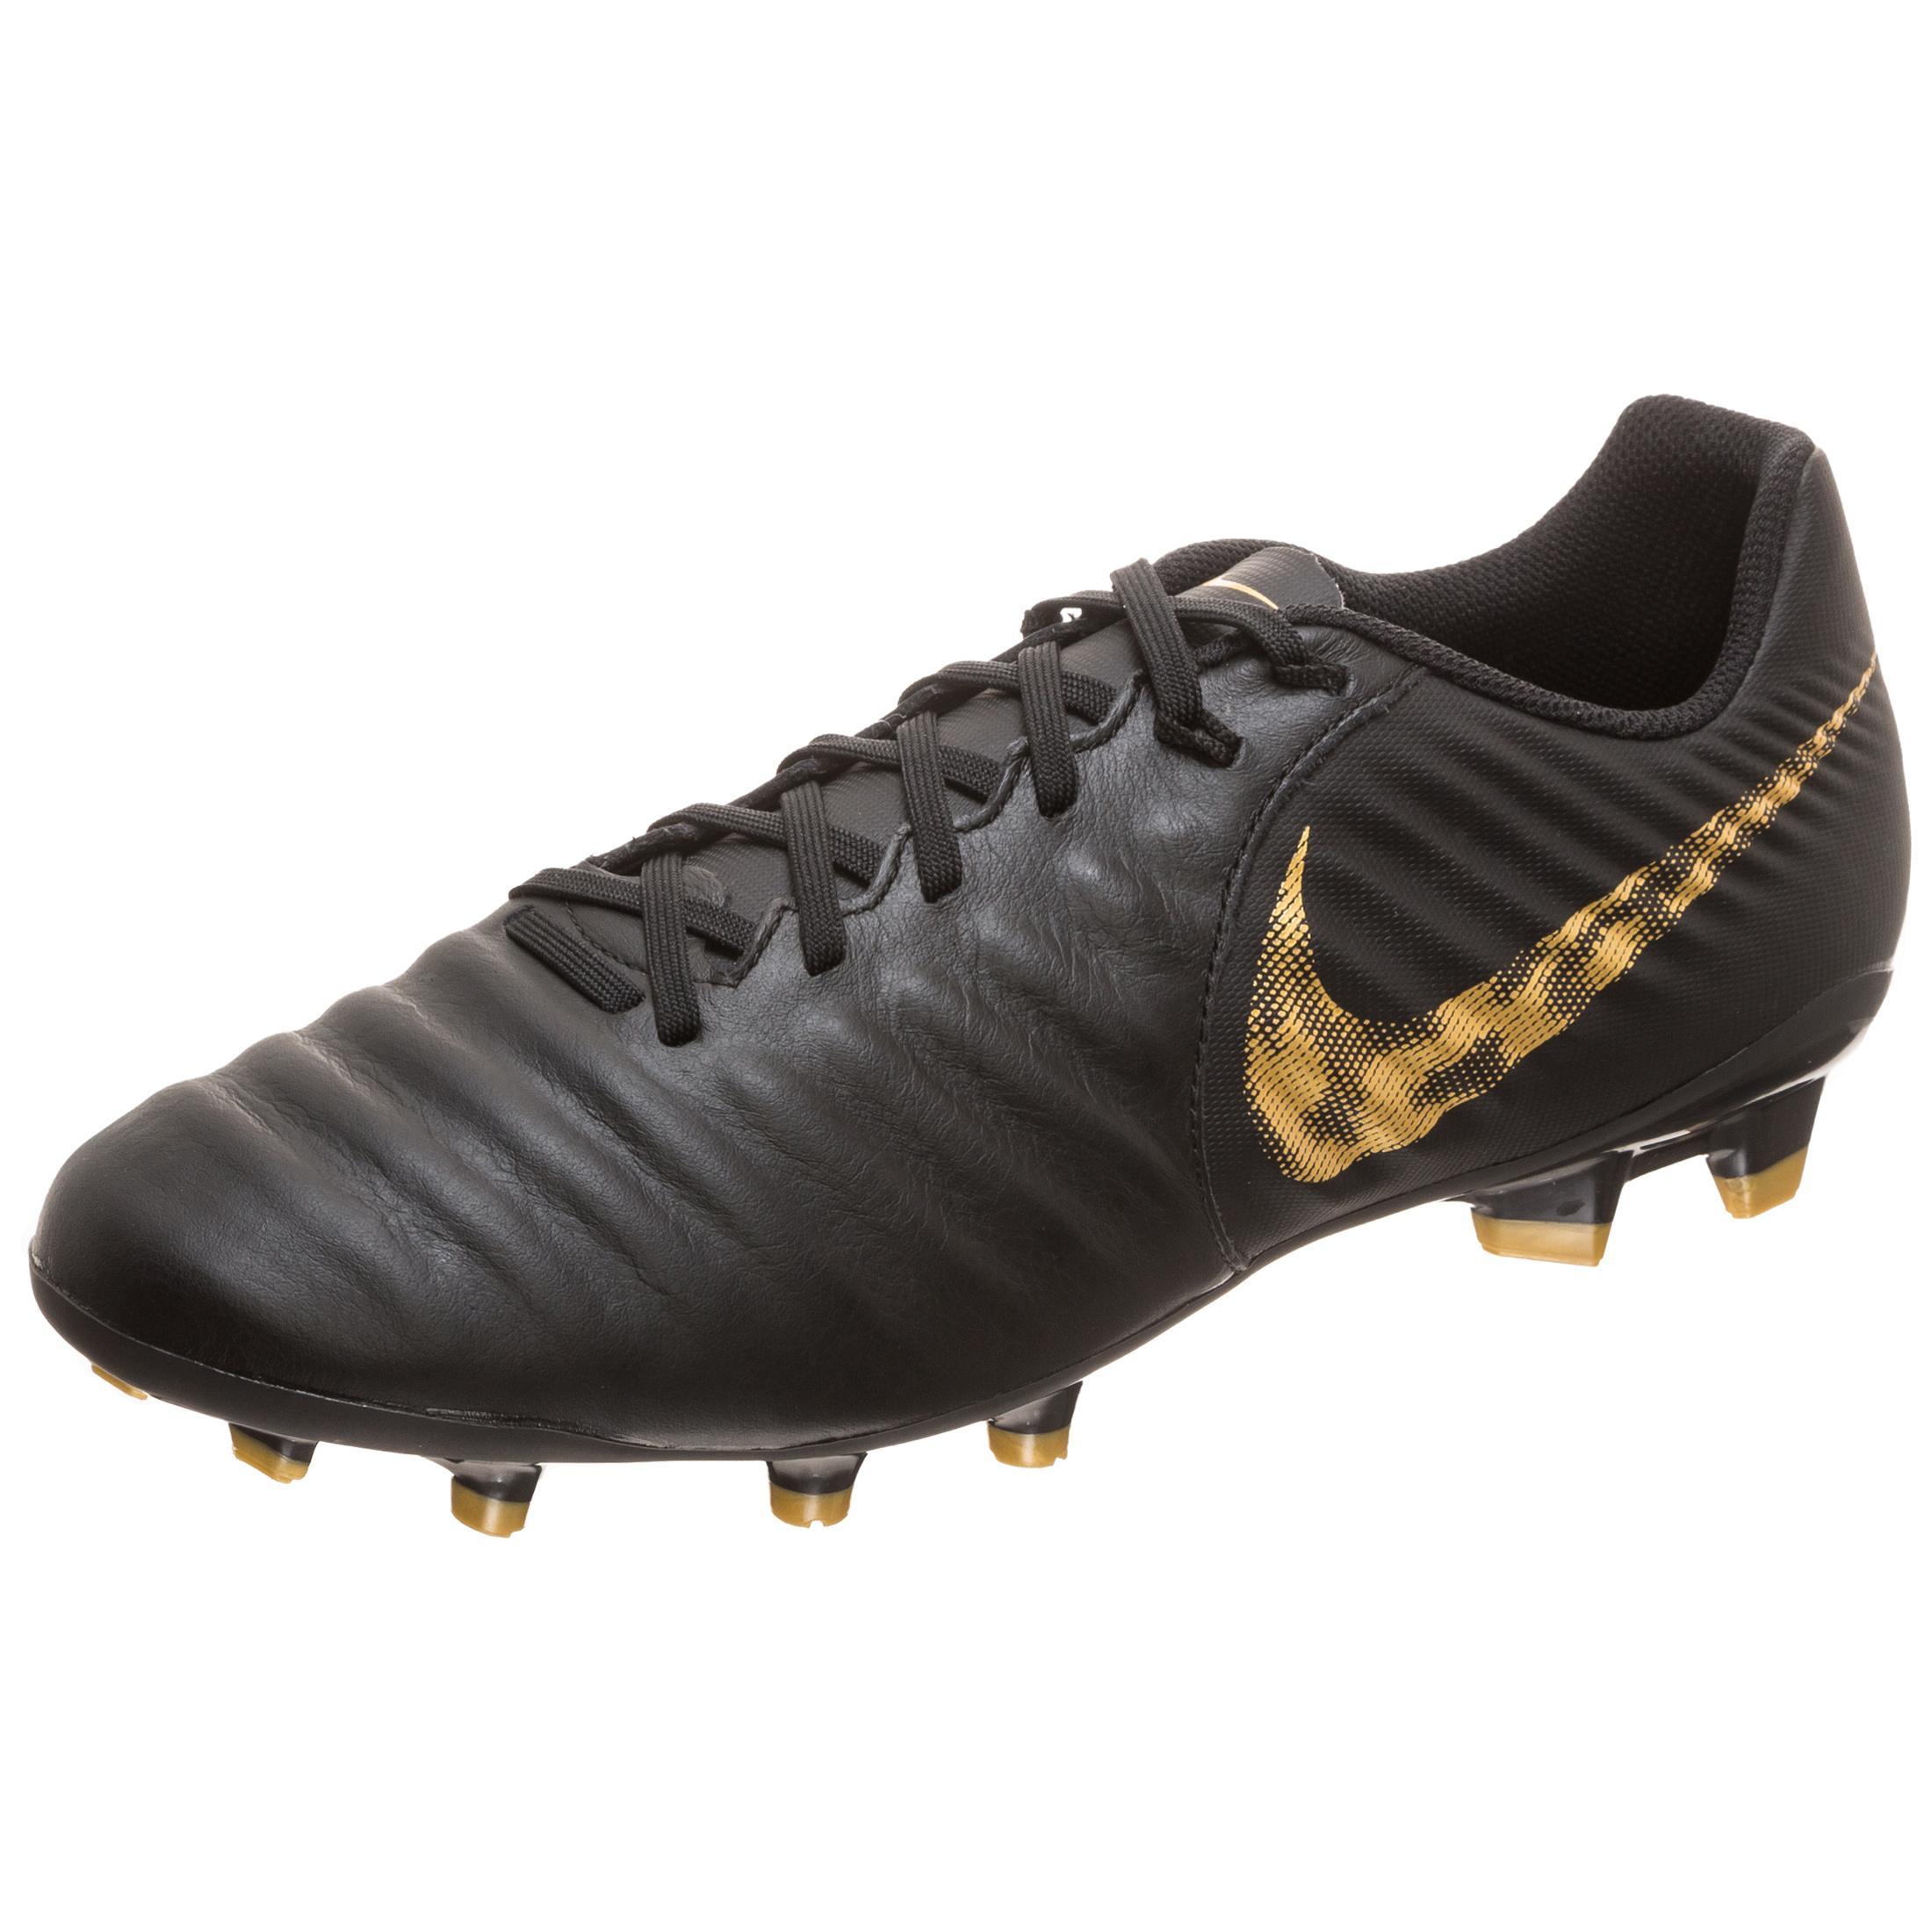 Nike Tiempo Legend VII Academy Fußballschuhe Fußballschuhe Fußballschuhe Herren schwarz   Gold im Online Shop von SportScheck kaufen Gute Qualität beliebte Schuhe 9e0bc9